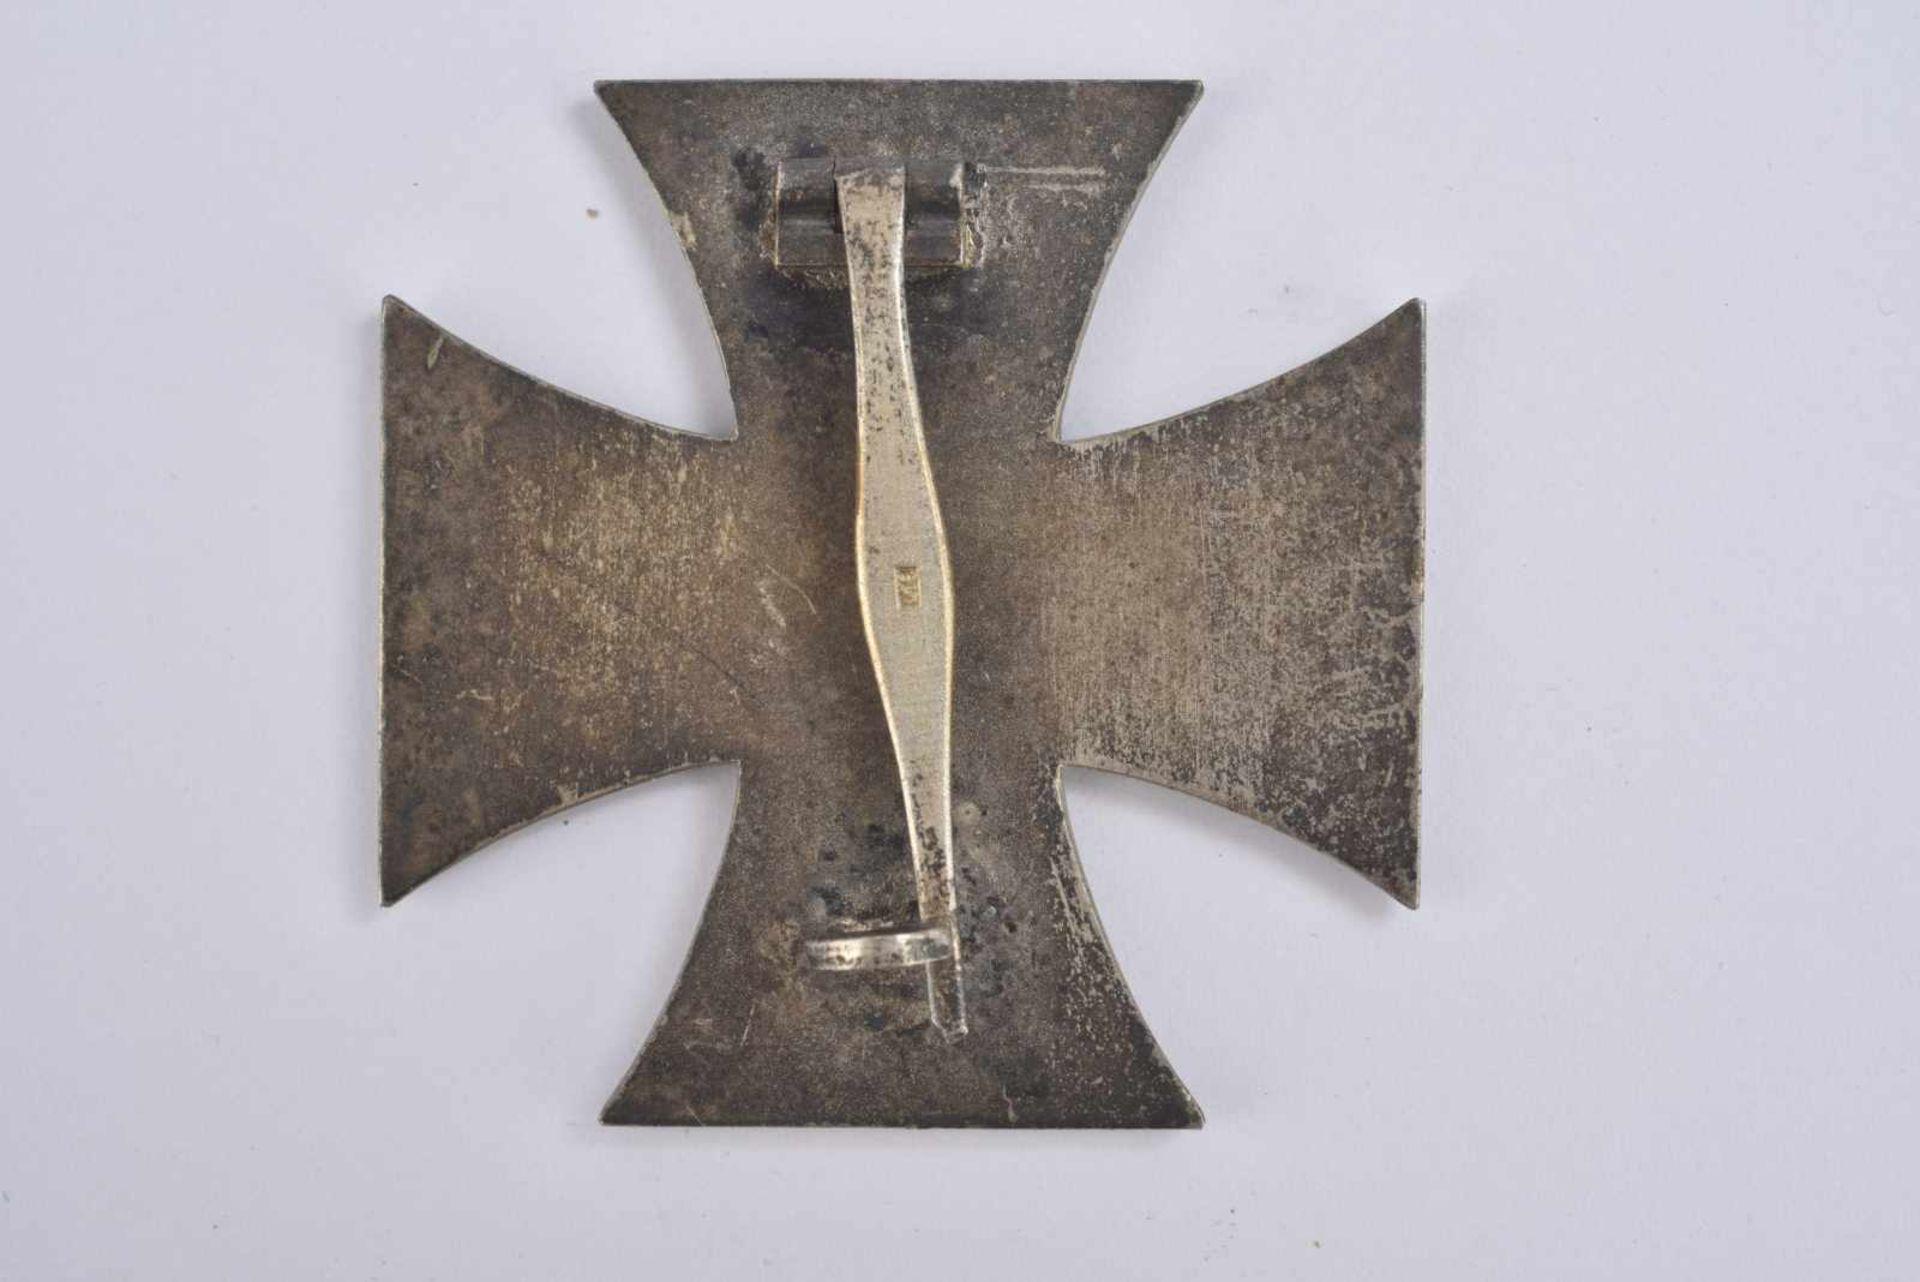 Croix de fer de première classe. Fabrication en trois parties, système de fixation complet. Marquage - Bild 3 aus 3